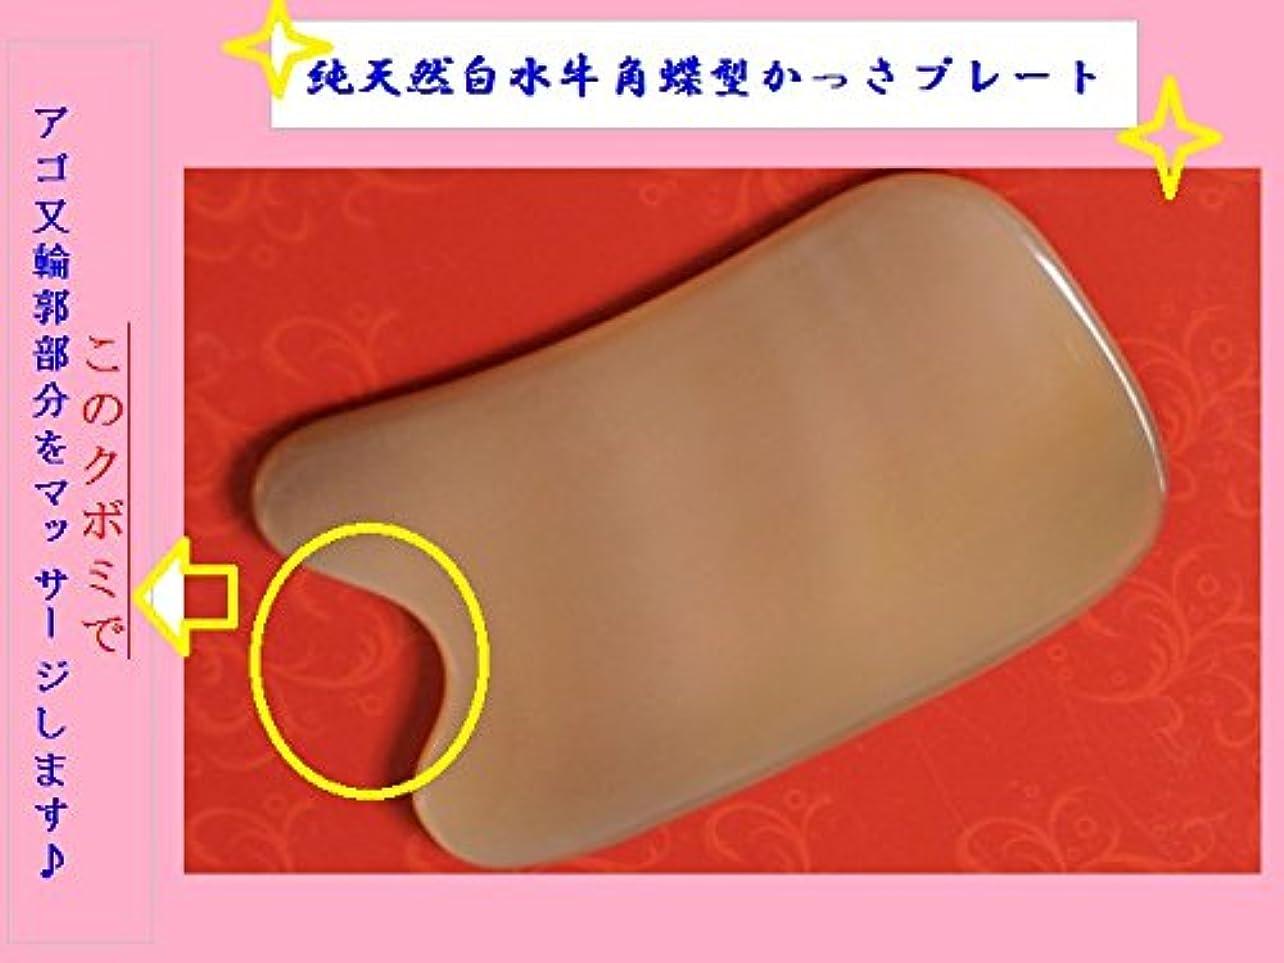 ノーブランド品 中国伝統かっさ美容マッサージ板 白水牛角かっさプレート (蝶型)